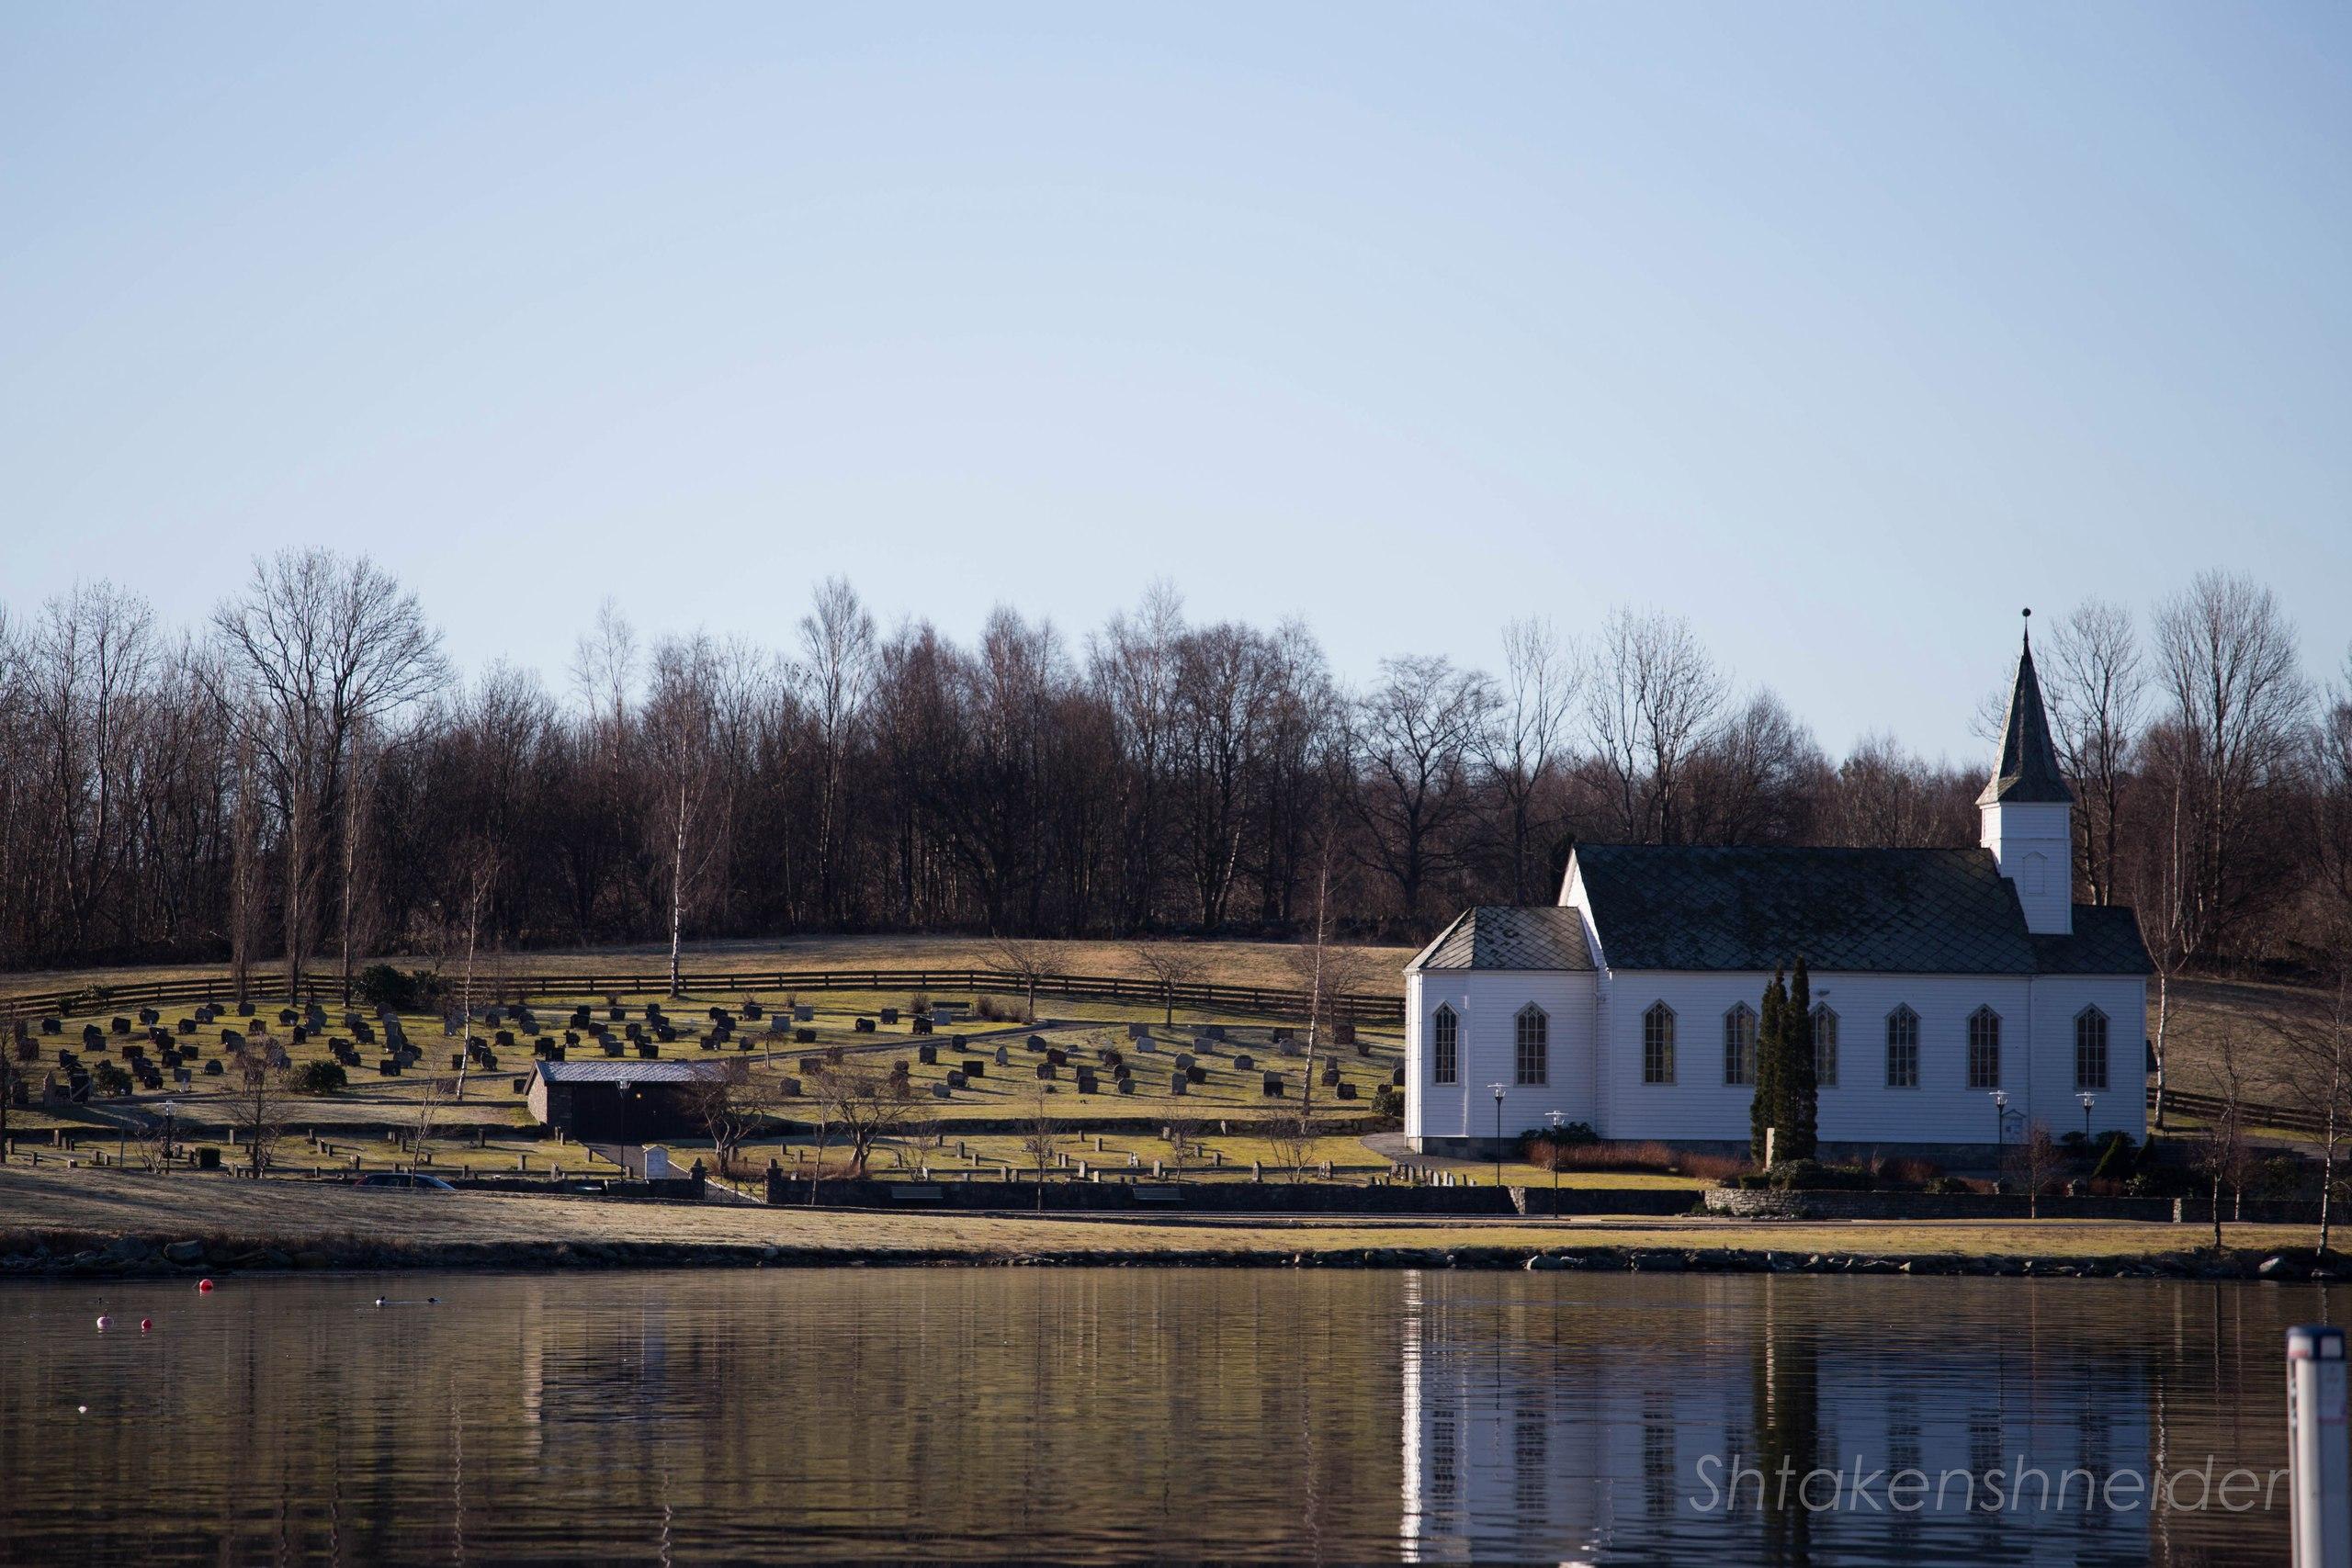 Фото Husnes kyrkje (Церкви в Хюснесе)